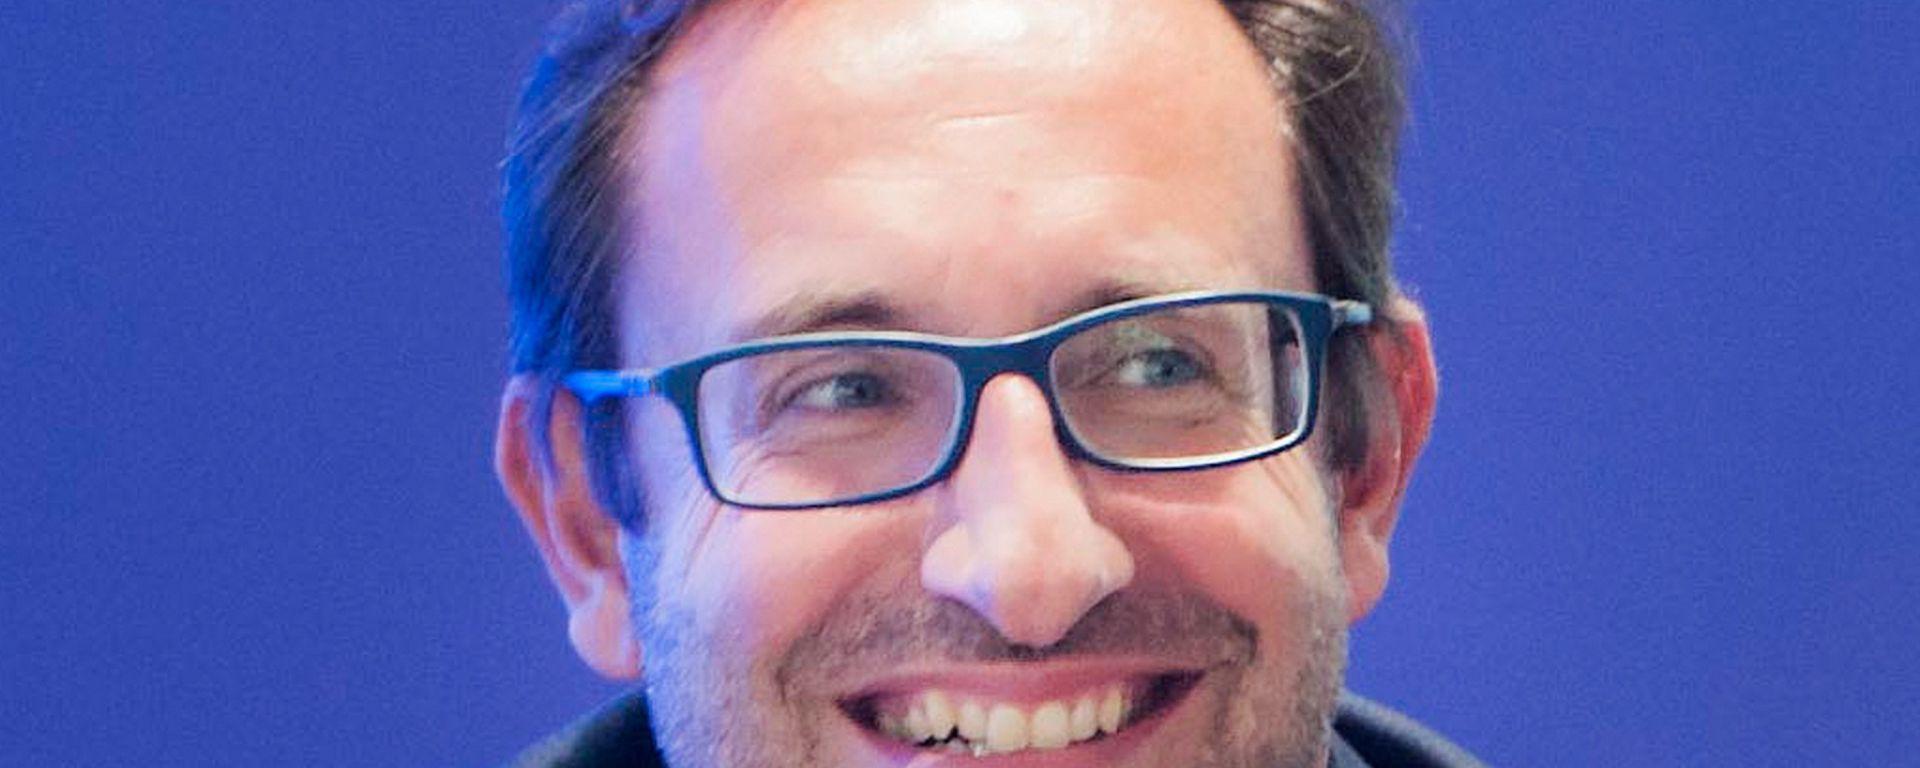 Gruppo PSA: Carlo Leoni diventa Corporate Comunication Leader